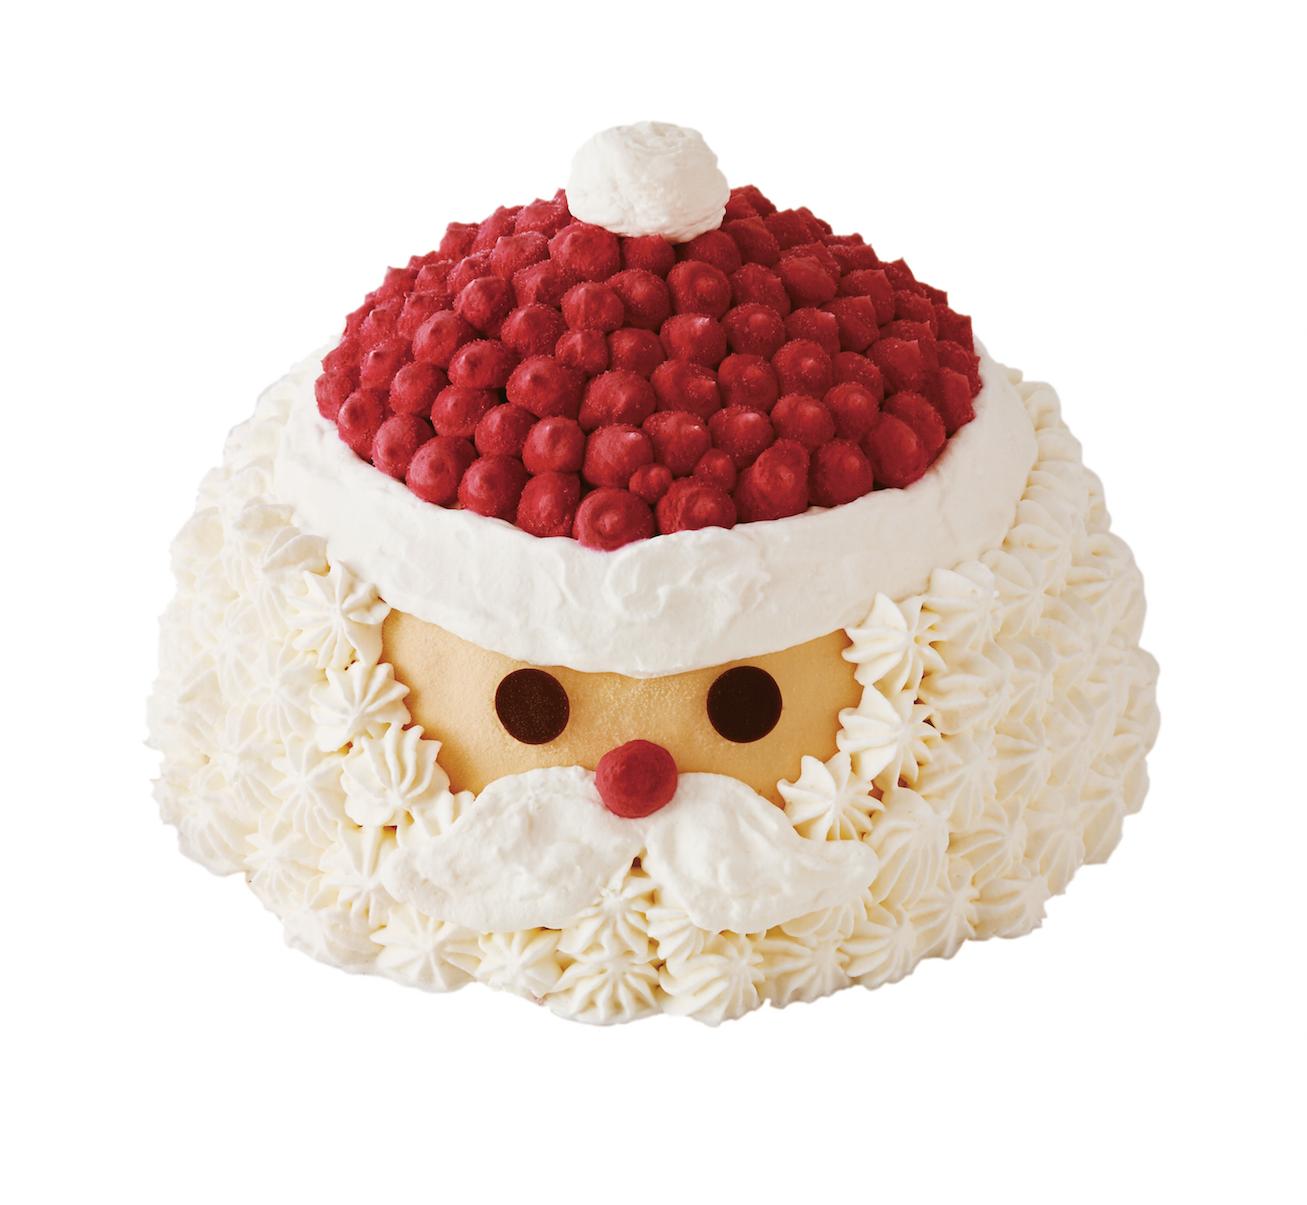 メリーアイスマス☆『ベン&ジェリーズ』からクリスマス限定サンデーが登場! アイスケーキも予約開始♡_2